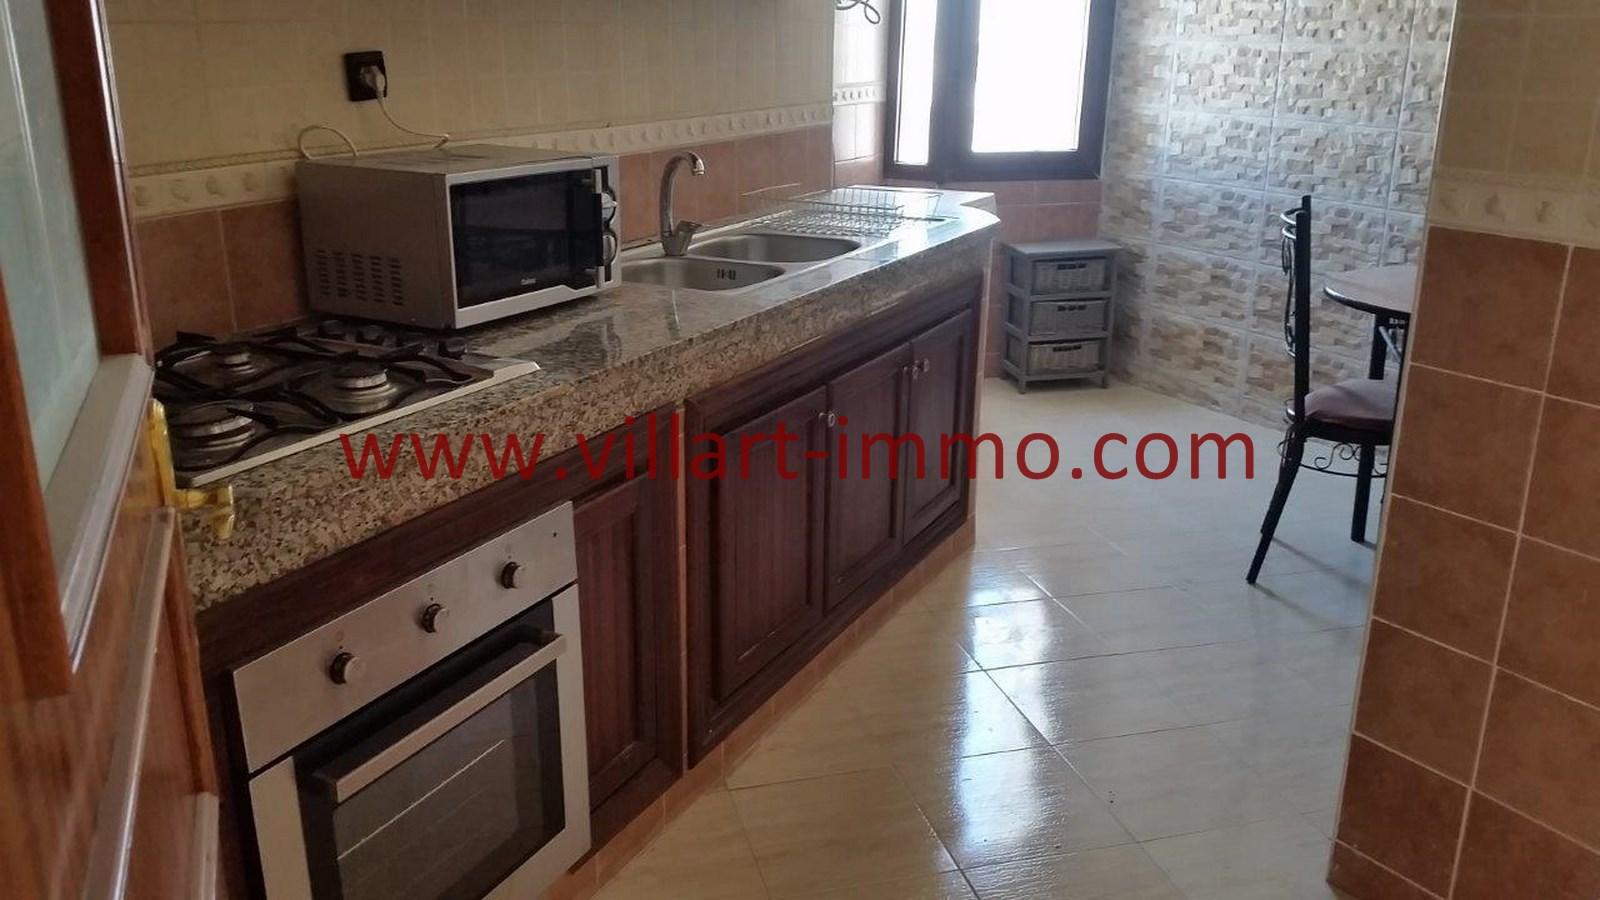 5-location-appartement-meuble-centre-ville-tanger-cuisine-l909-villart-immo